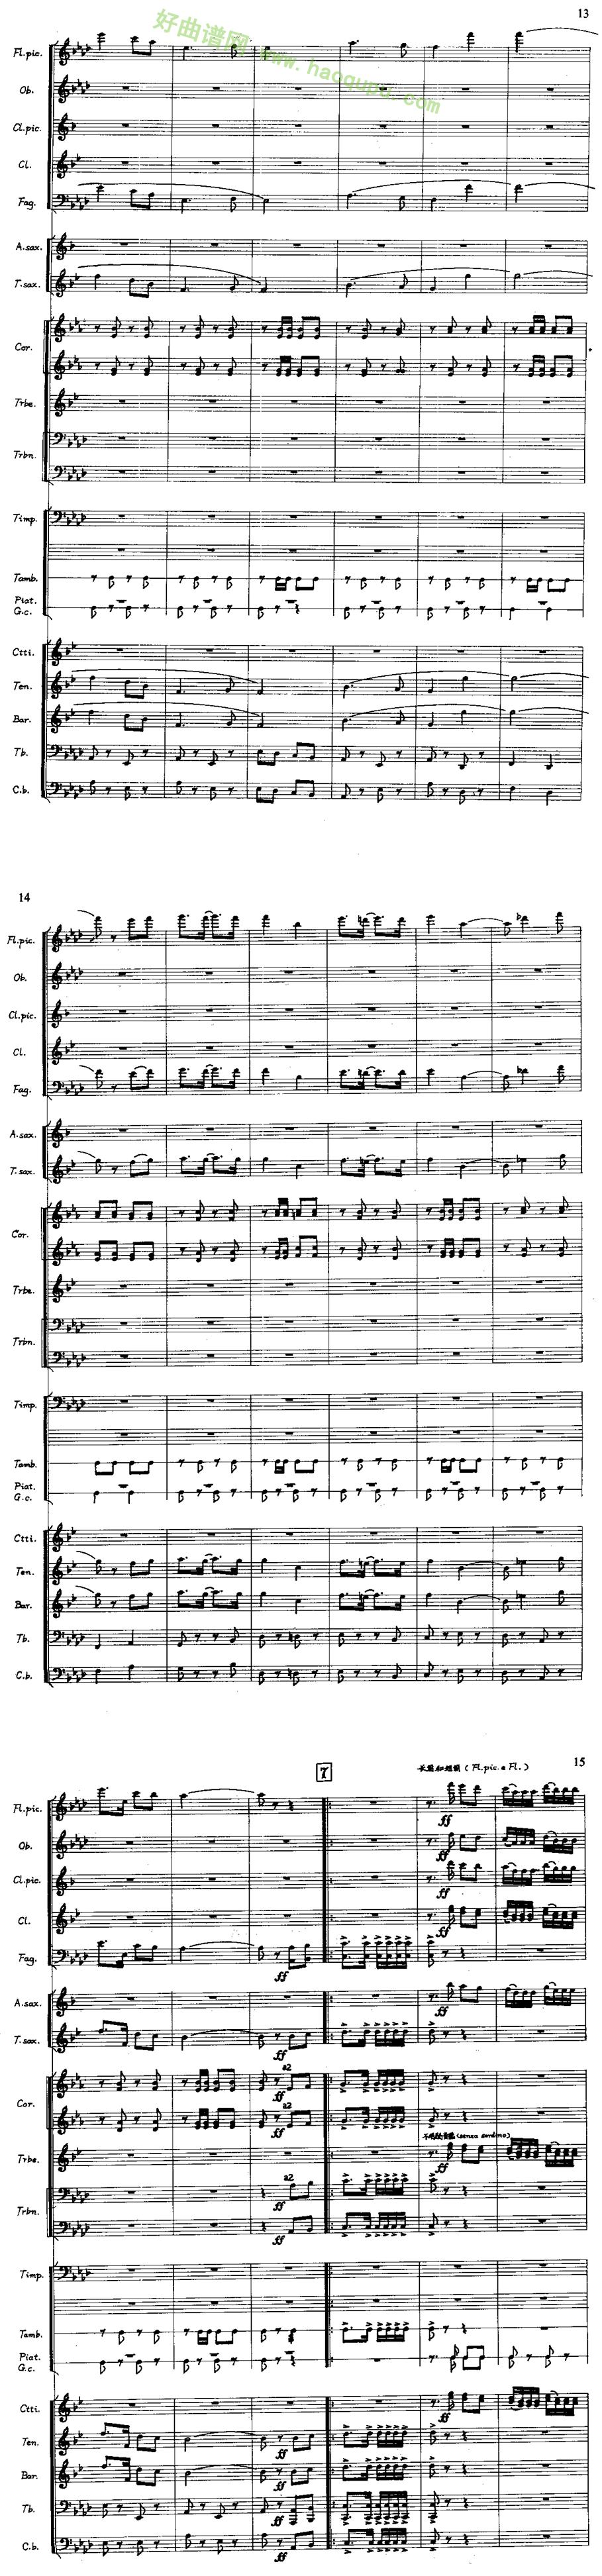 《军威进行曲》(军乐)(线谱)管乐总谱第6张